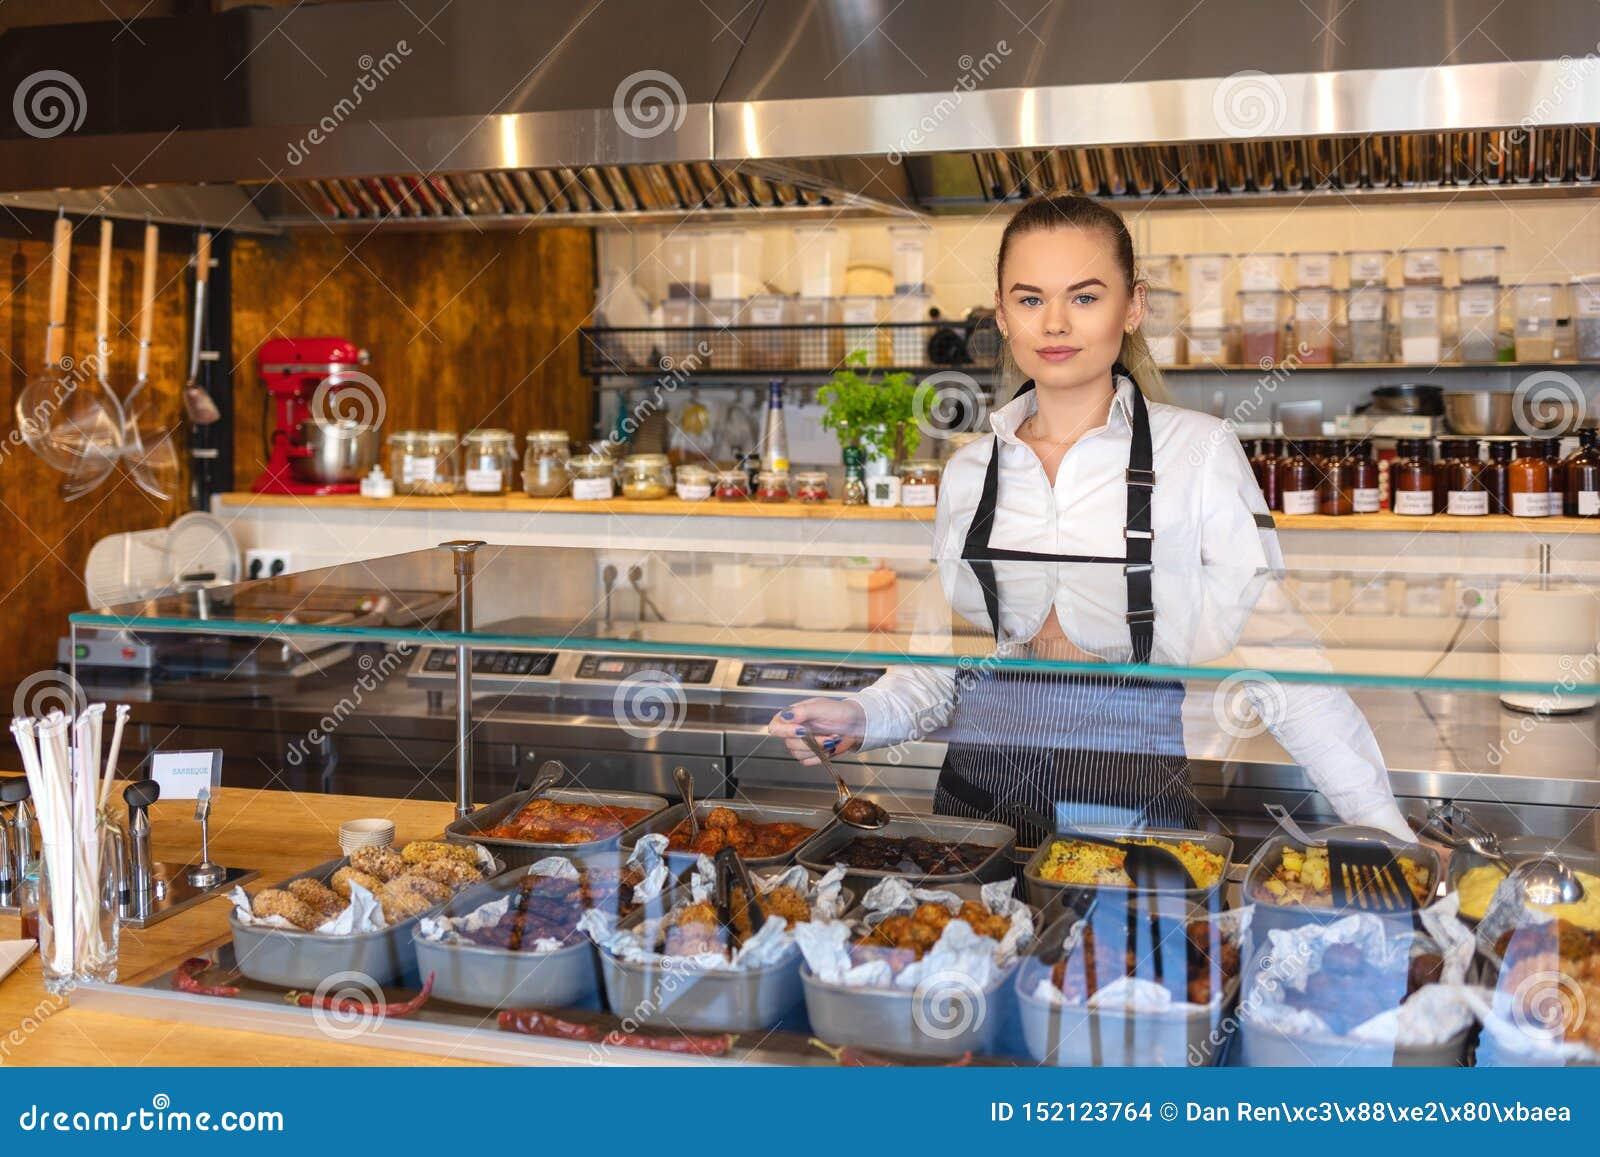 Start succesvolle kleine bedrijfseigenaarvrouw die achter tegen, Jonge ondernemer of serveerster dienend voedsel werken,